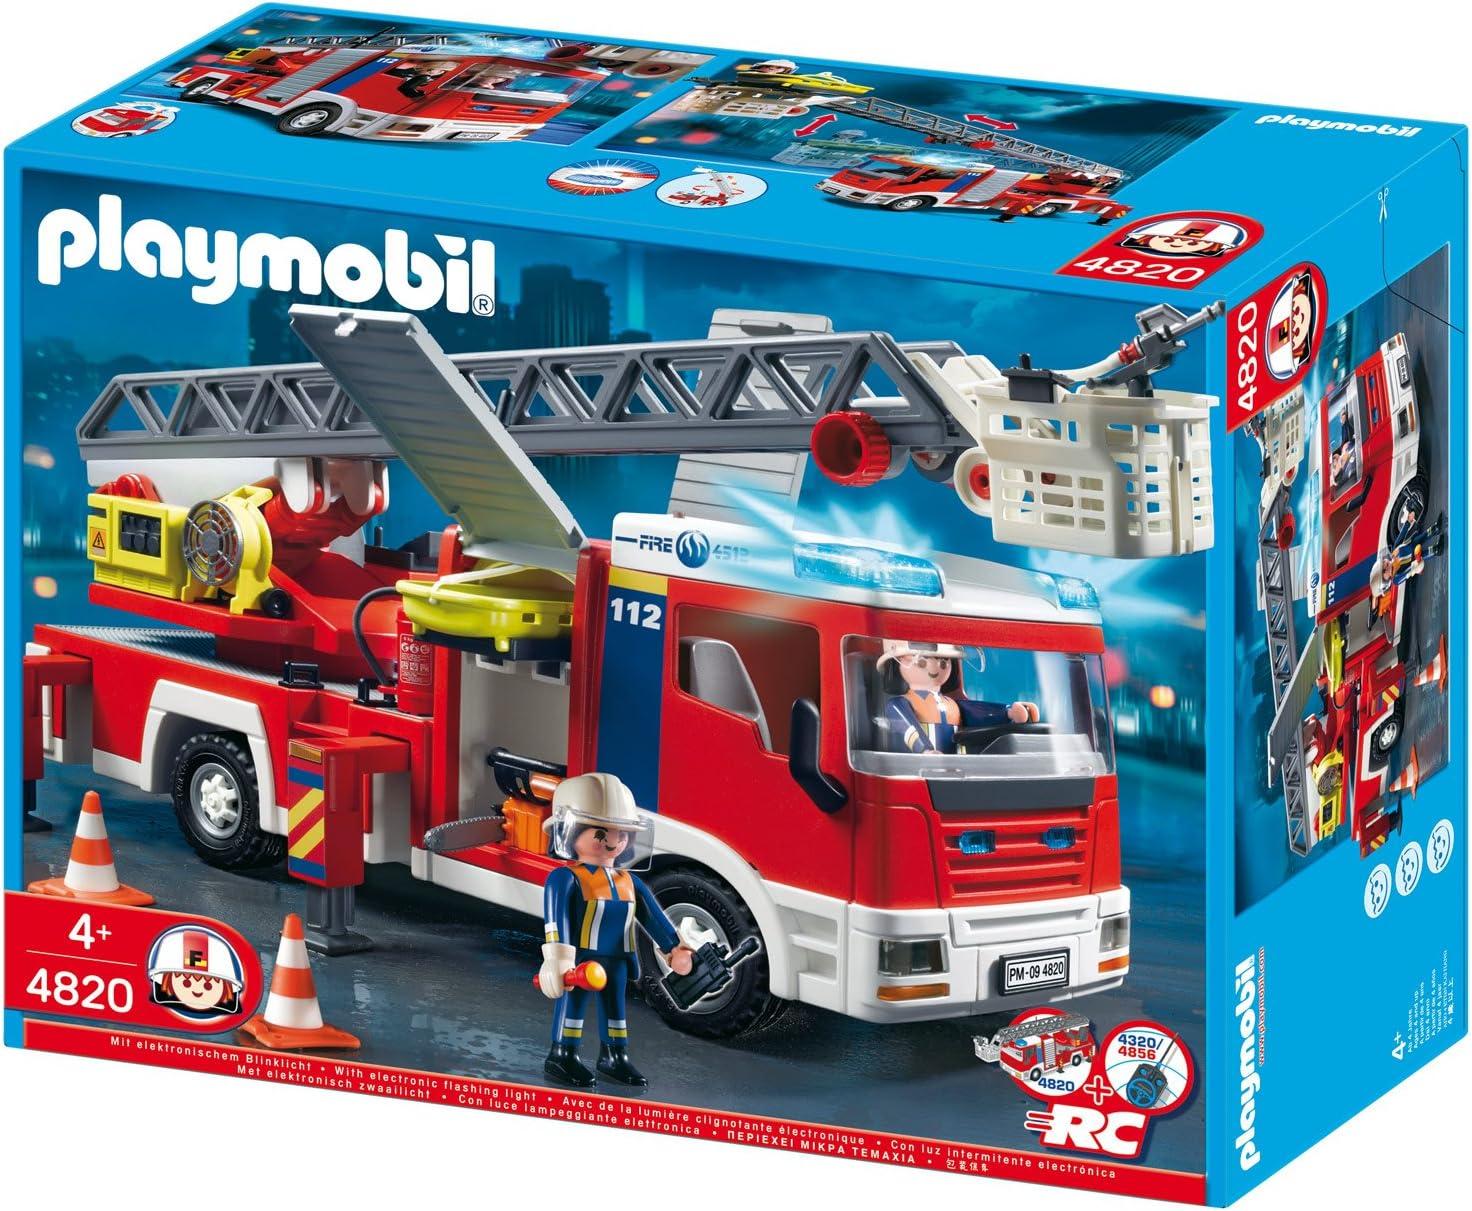 PLAYMOBIL Feuerwehr Fahrzeug Spielzeug Auto mit Licht